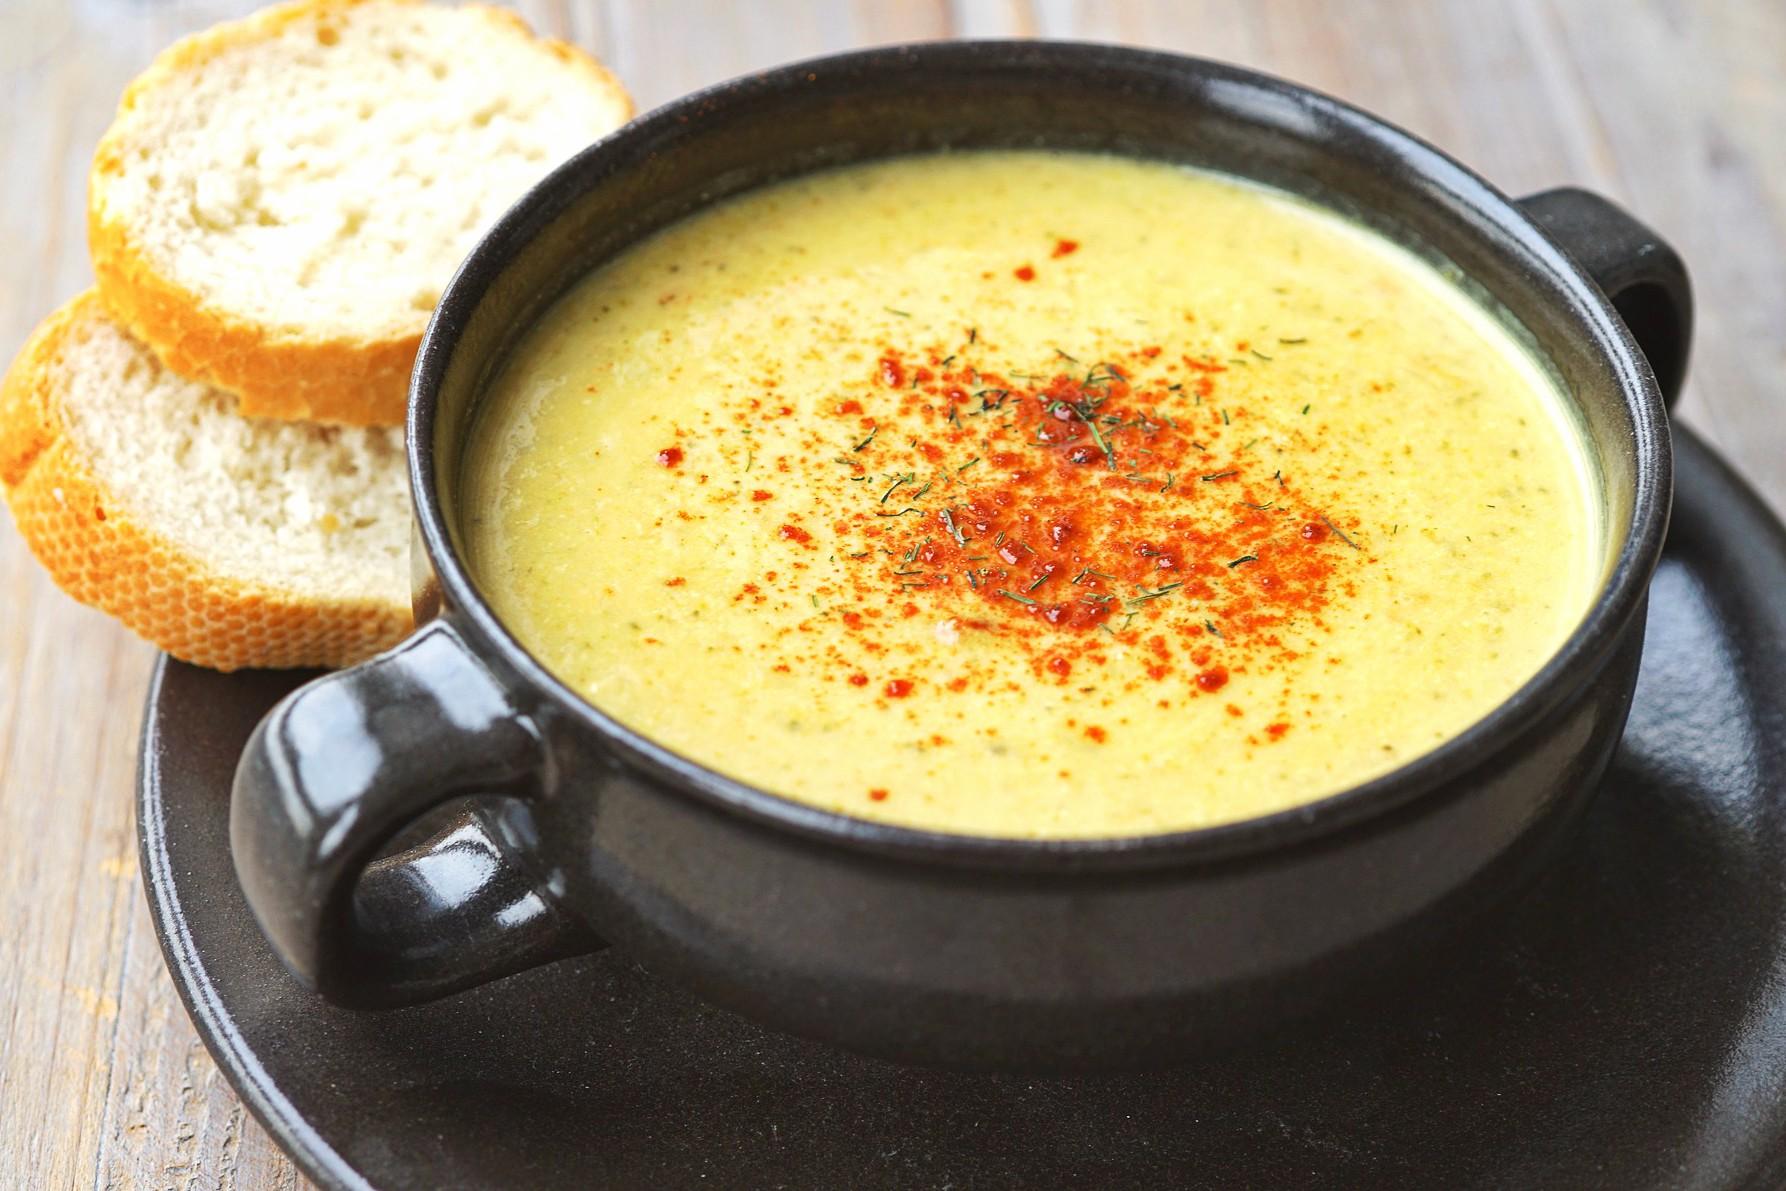 Sopa de queso crema con queso derretido - receta